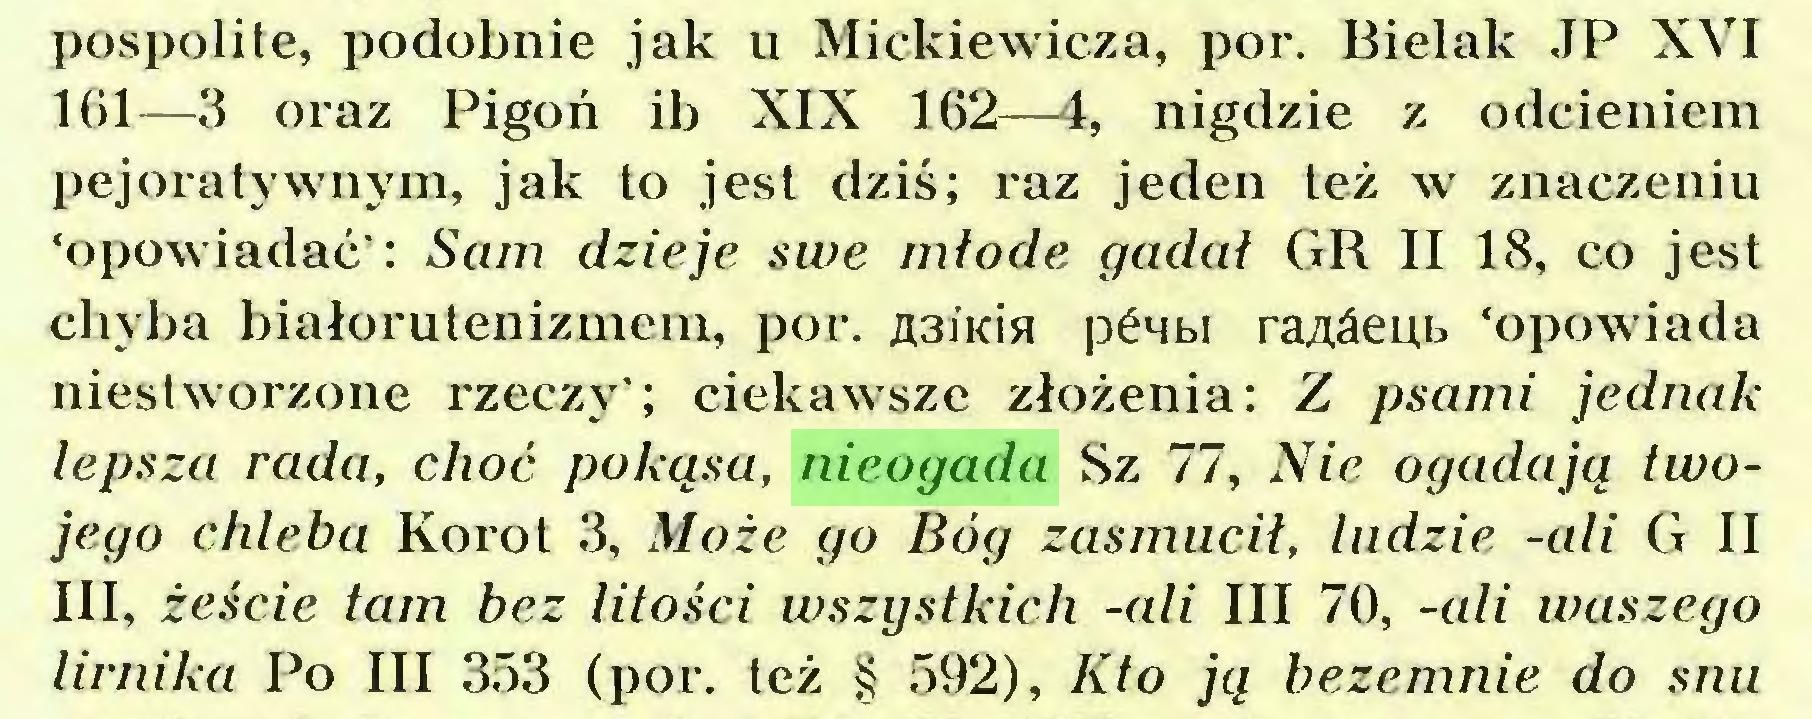 (...) pospolite, podobnie jak u Mickiewicza, por. Bielak JP XVI 161—3 oraz Pigoń ib XIX 162—4, nigdzie z odcieniem pejoratywnym, jak to jest dziś; raz jeden też w znaczeniu 'opowiadać': Sam dzieje swe młode gadał GR II 18, co jest chyba białorutenizmein, por. ja.3iKisł pćwbi raMepb 'opowiada niestworzone rzeczy'; ciekawsze złożenia: Z psami jednak lepsza rada, choć pokąsa, nieogada Sz 77, Nie ogadają twojego chleba Korot 3, Może go Bóg zasmucił, ludzie -ali G II III, żeście tam bez litości wszystkich -ali III 70, -ali waszego lirnika Po III 353 (por. też § 592), Kto ją beze mnie do snu...